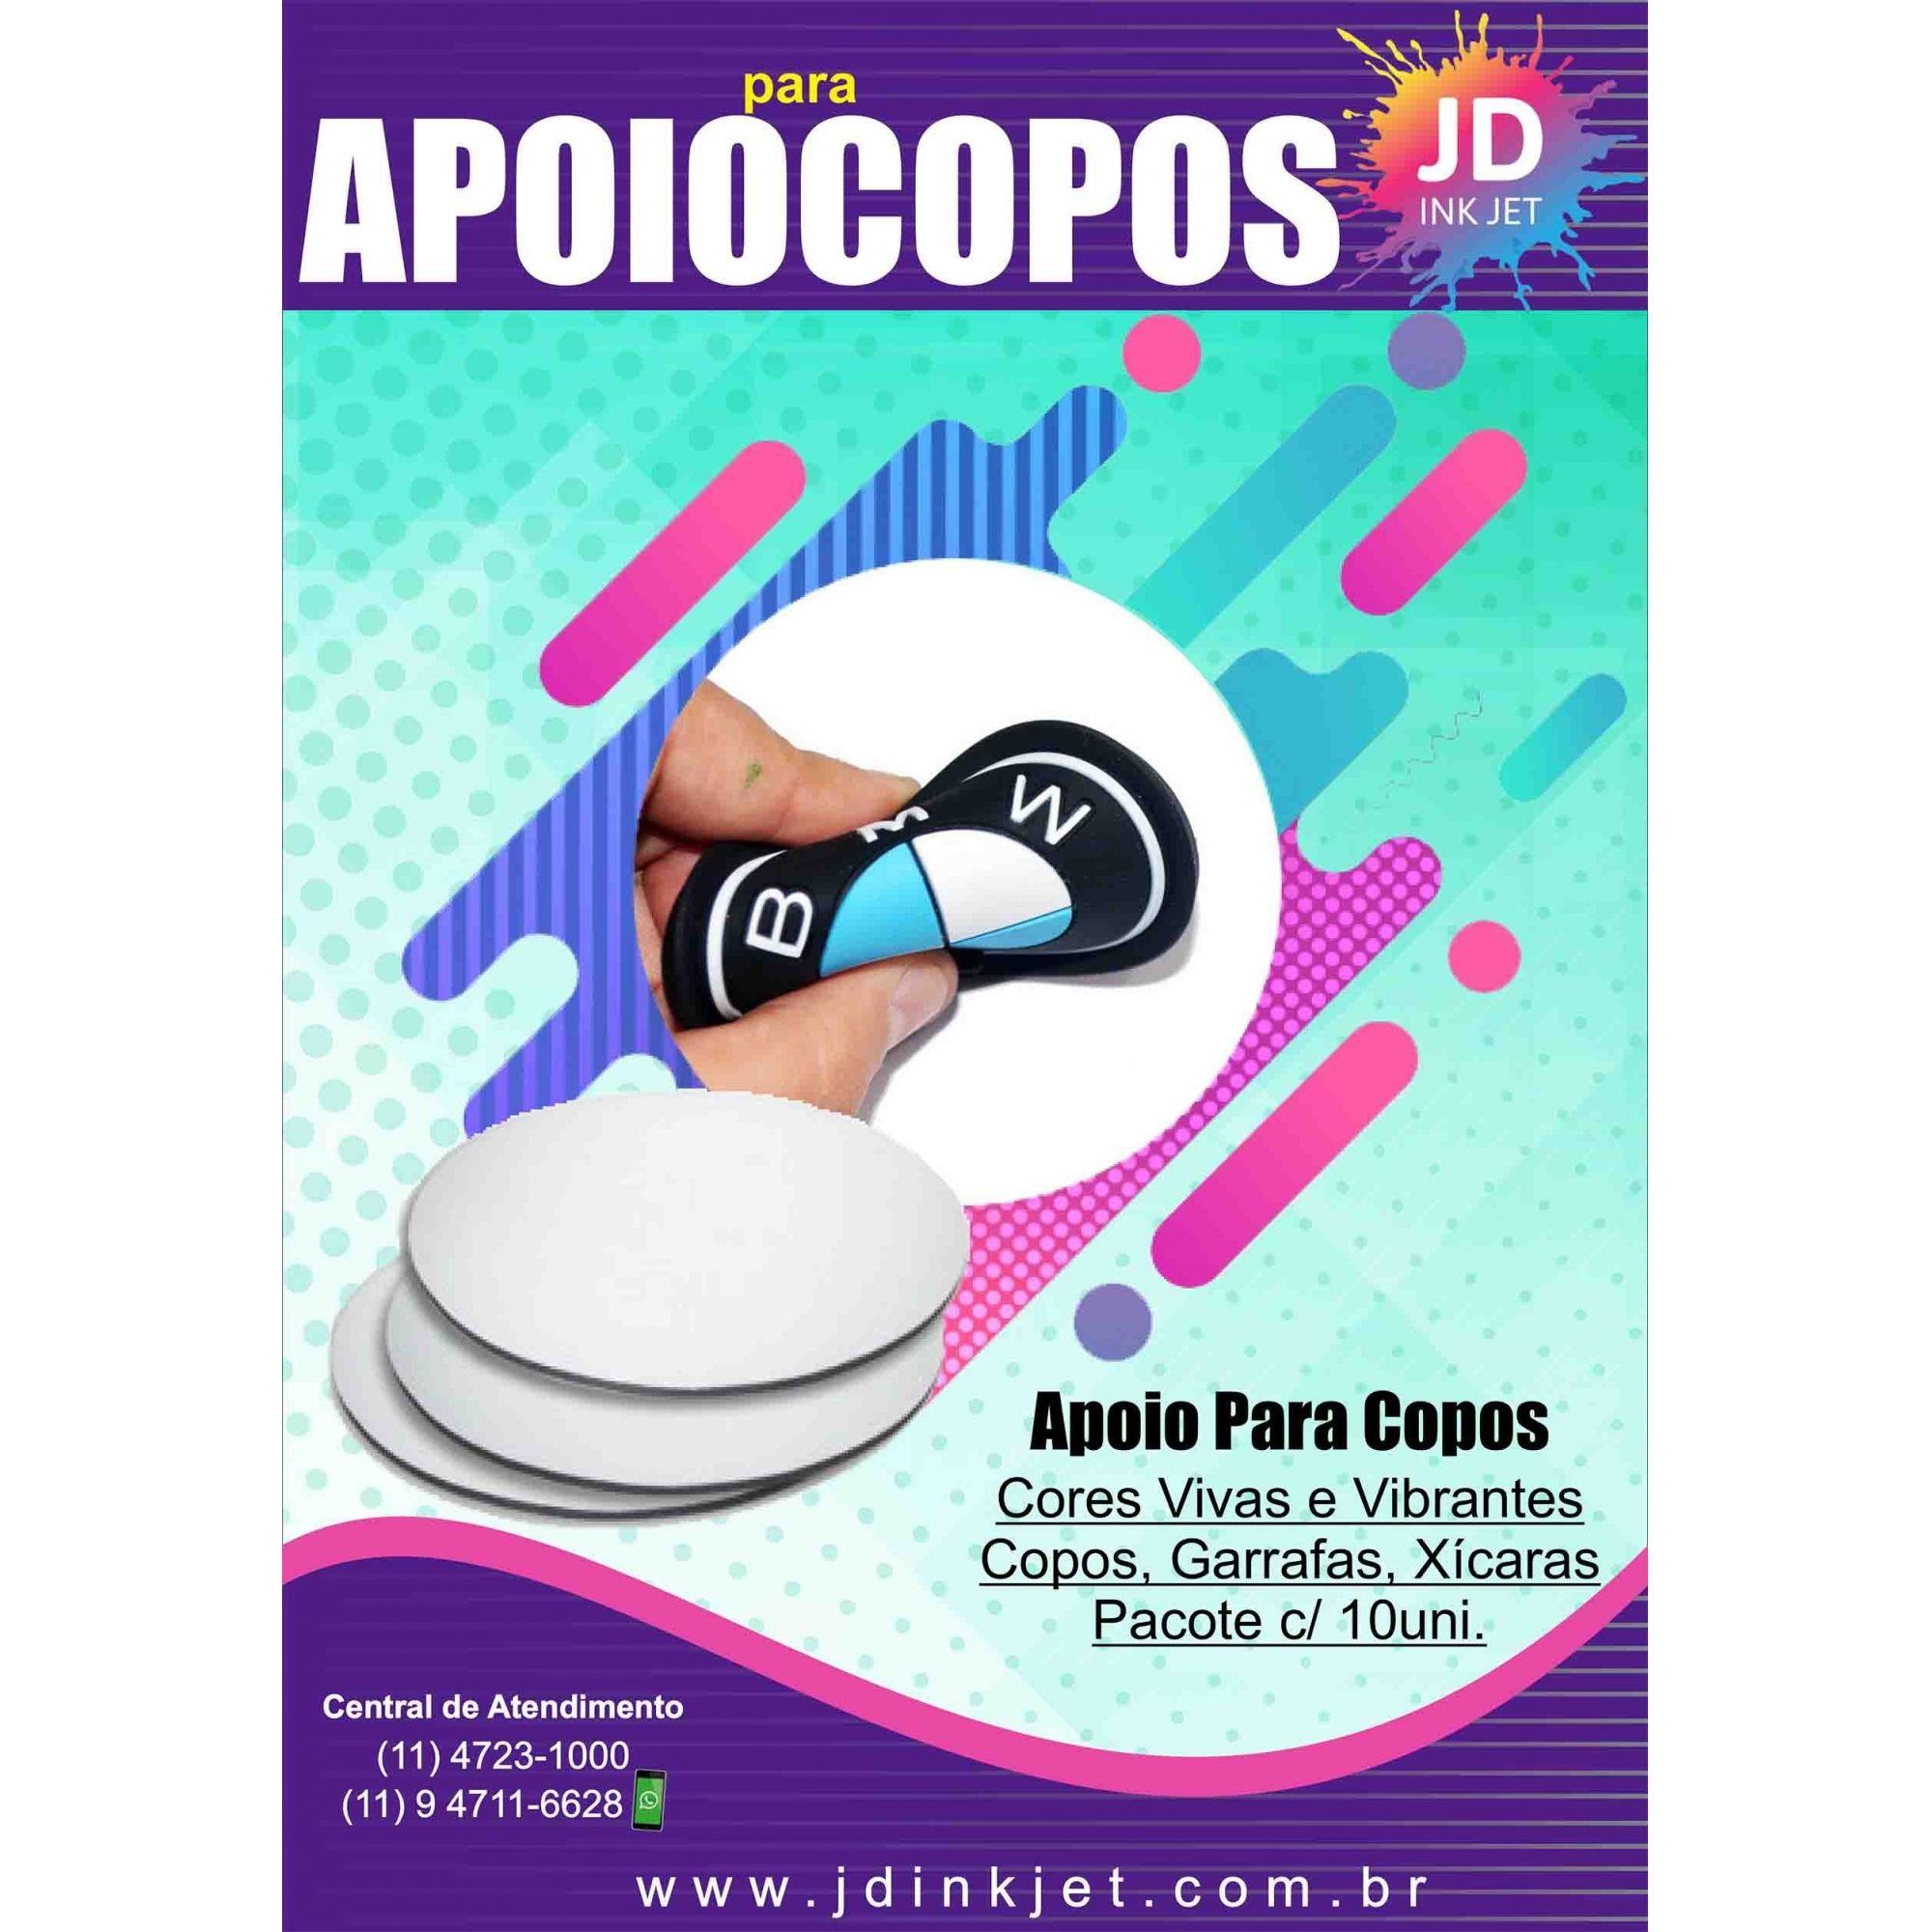 Porta Copos, Apoio para Copos, Garrafas, Xícaras Pct C/ 10un.